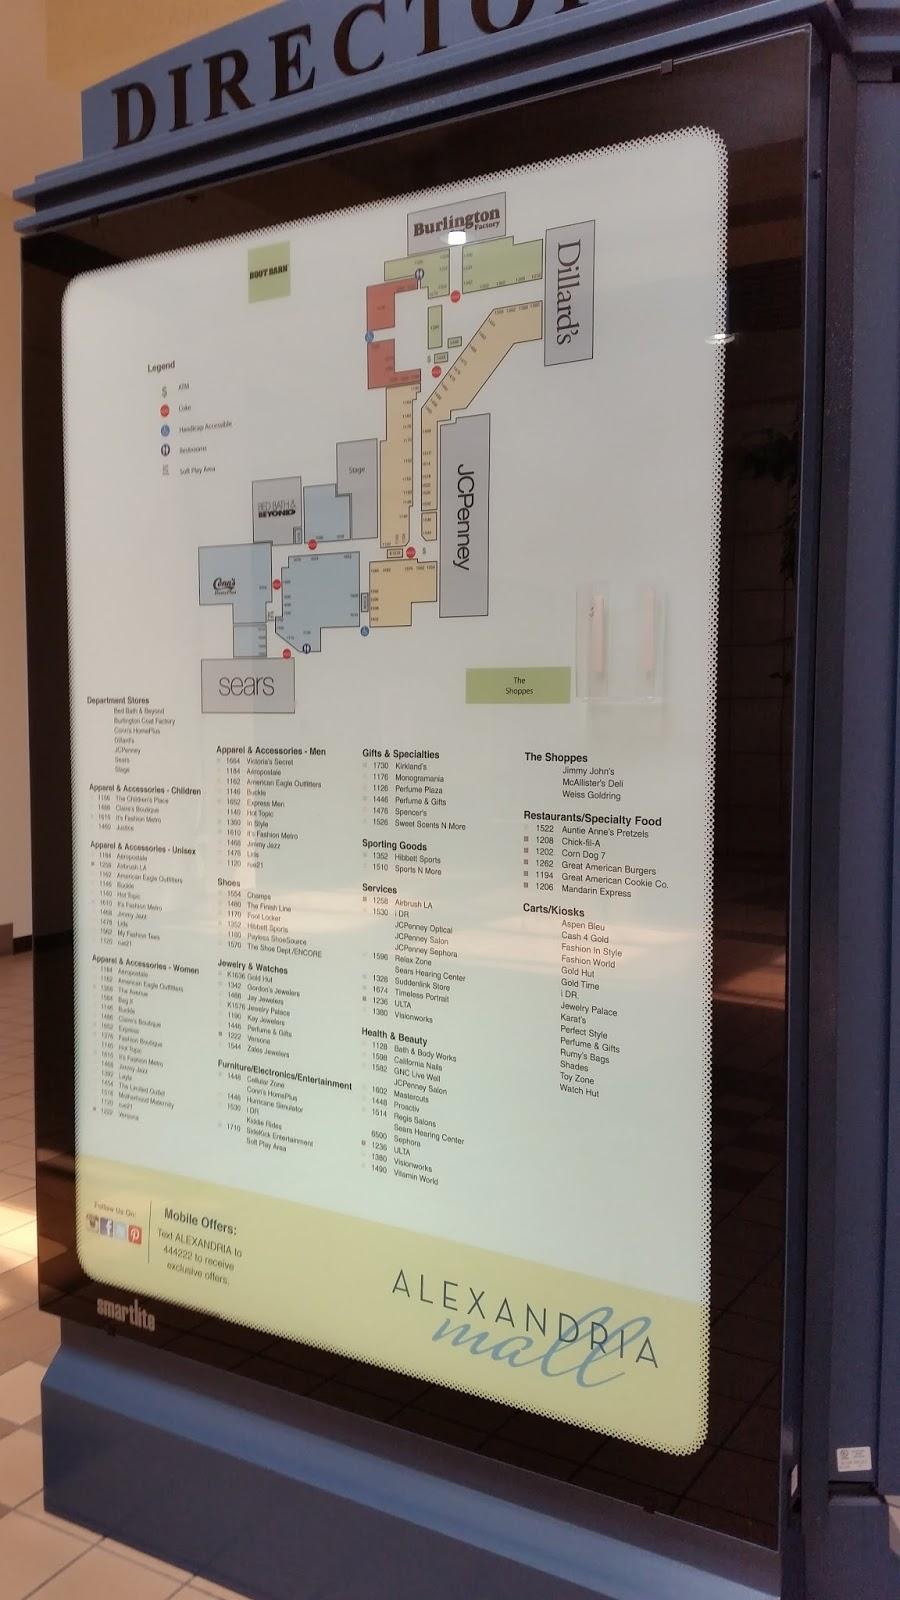 Alexandria Mall Stores : alexandria, stores, Louisiana, Texas, Retail, Blogspot:, Alexandria, Update